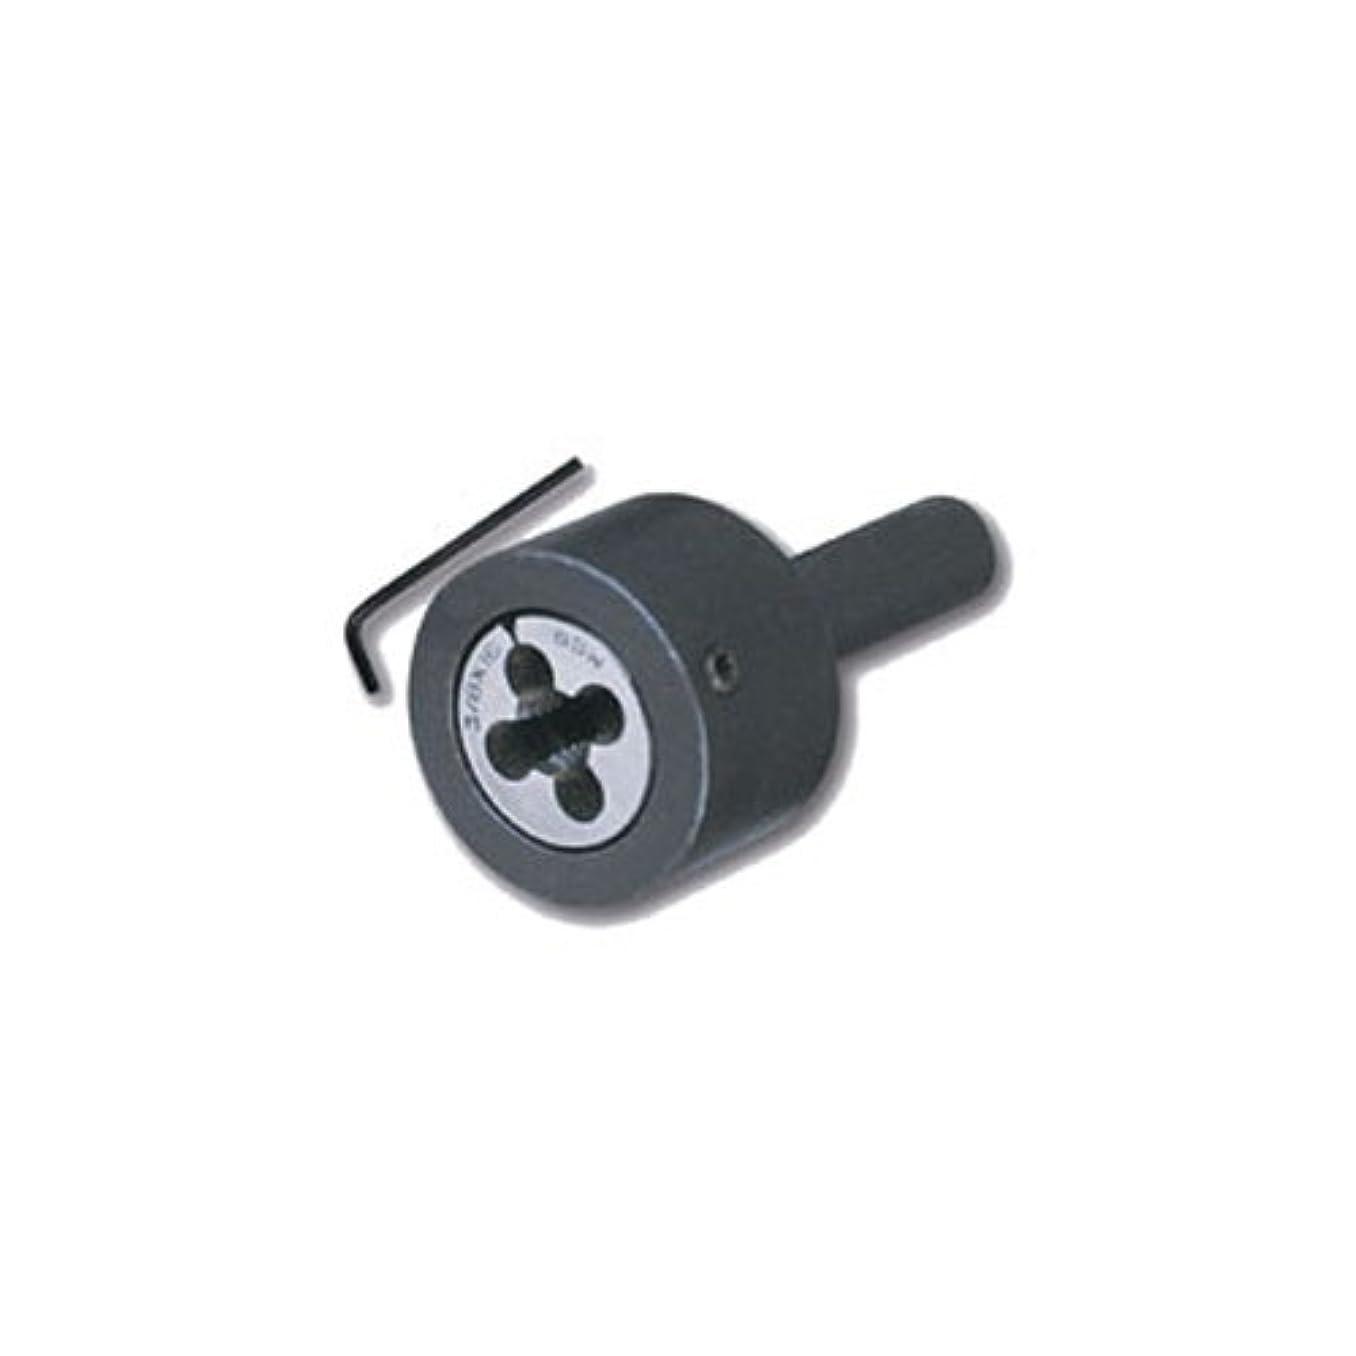 Gyros 94-01734 Round Die Holder 13/16-Inch Diameter 1/2-Inch Shank